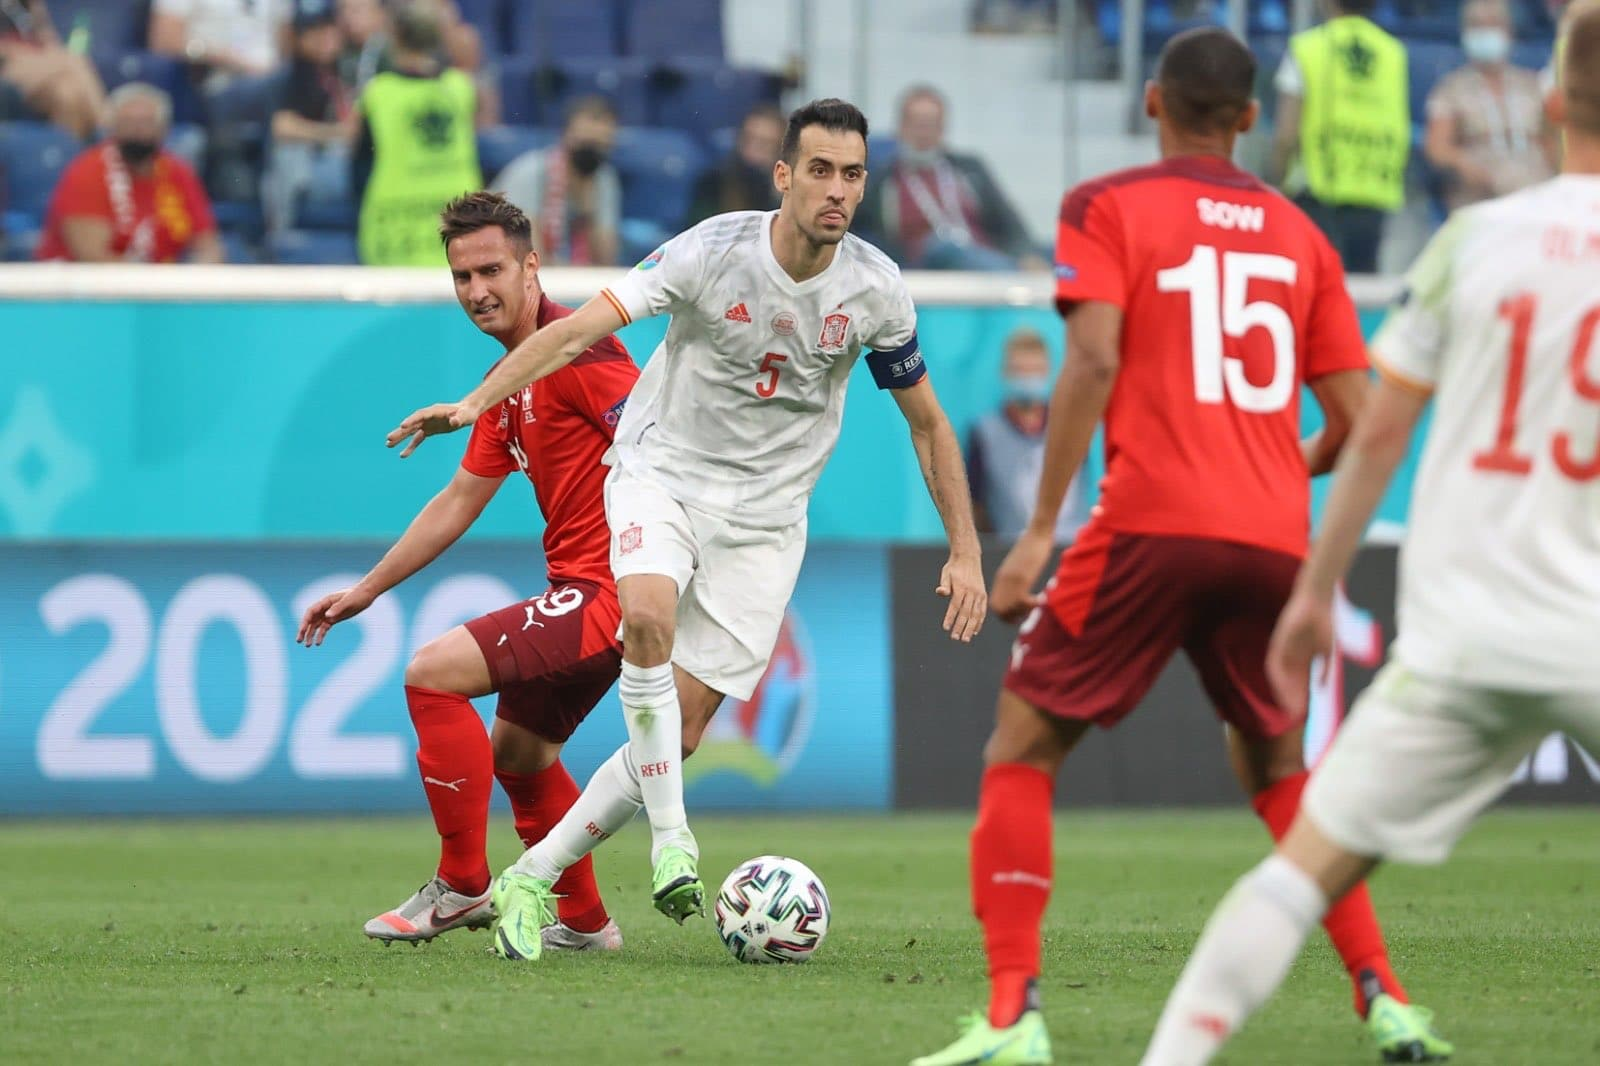 إسبانيا تفك العقدة أمام سويسرا وتتأهل إلى نصف نهائي اليورو بركلات الترجيح (شاهد)